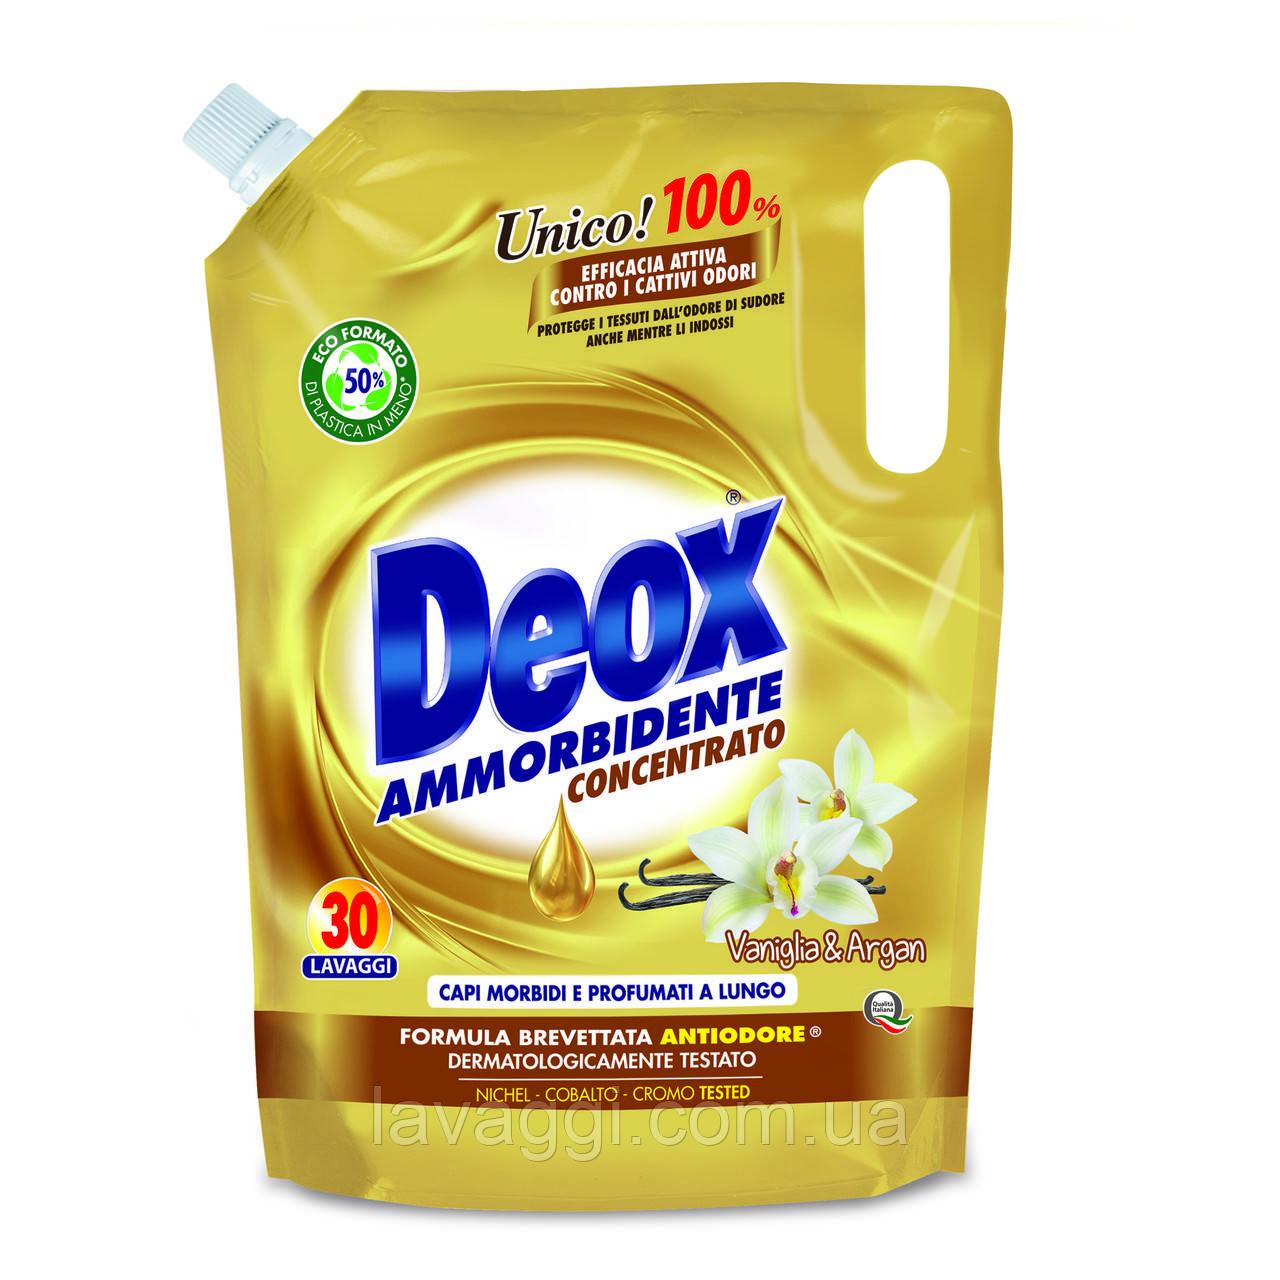 Кондиционер-ополаскиватель для белья концентрированный Deox Ammorbidente Vaniglia e Argan Ecoformato 750 ml